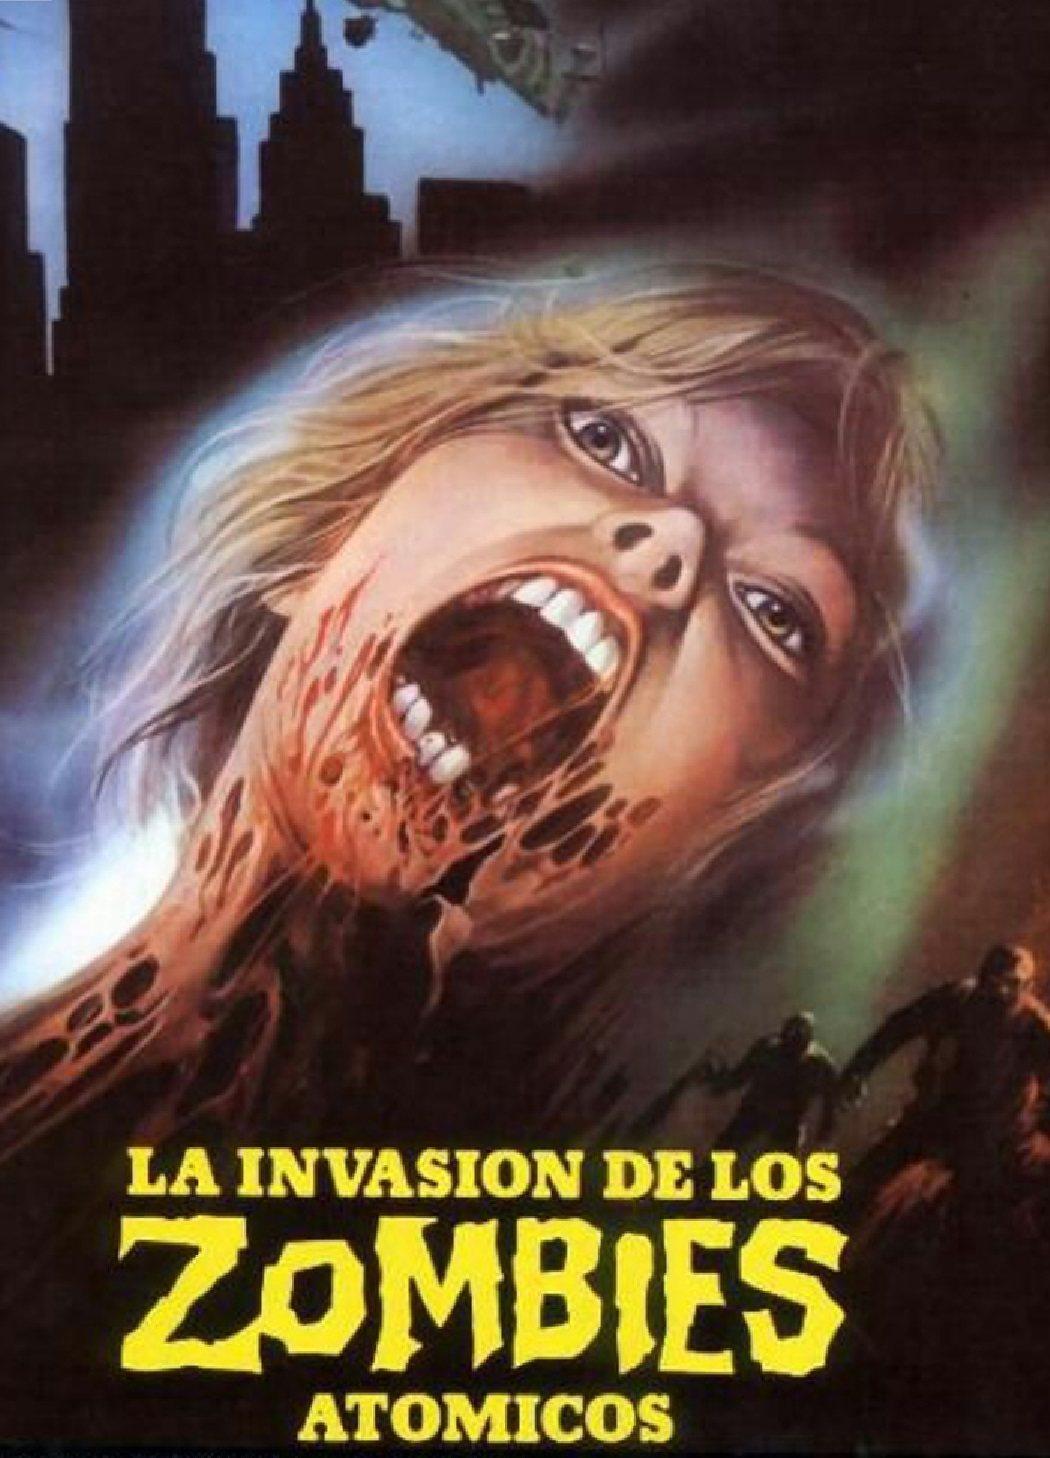 'La invasión de los zombies atómicos'